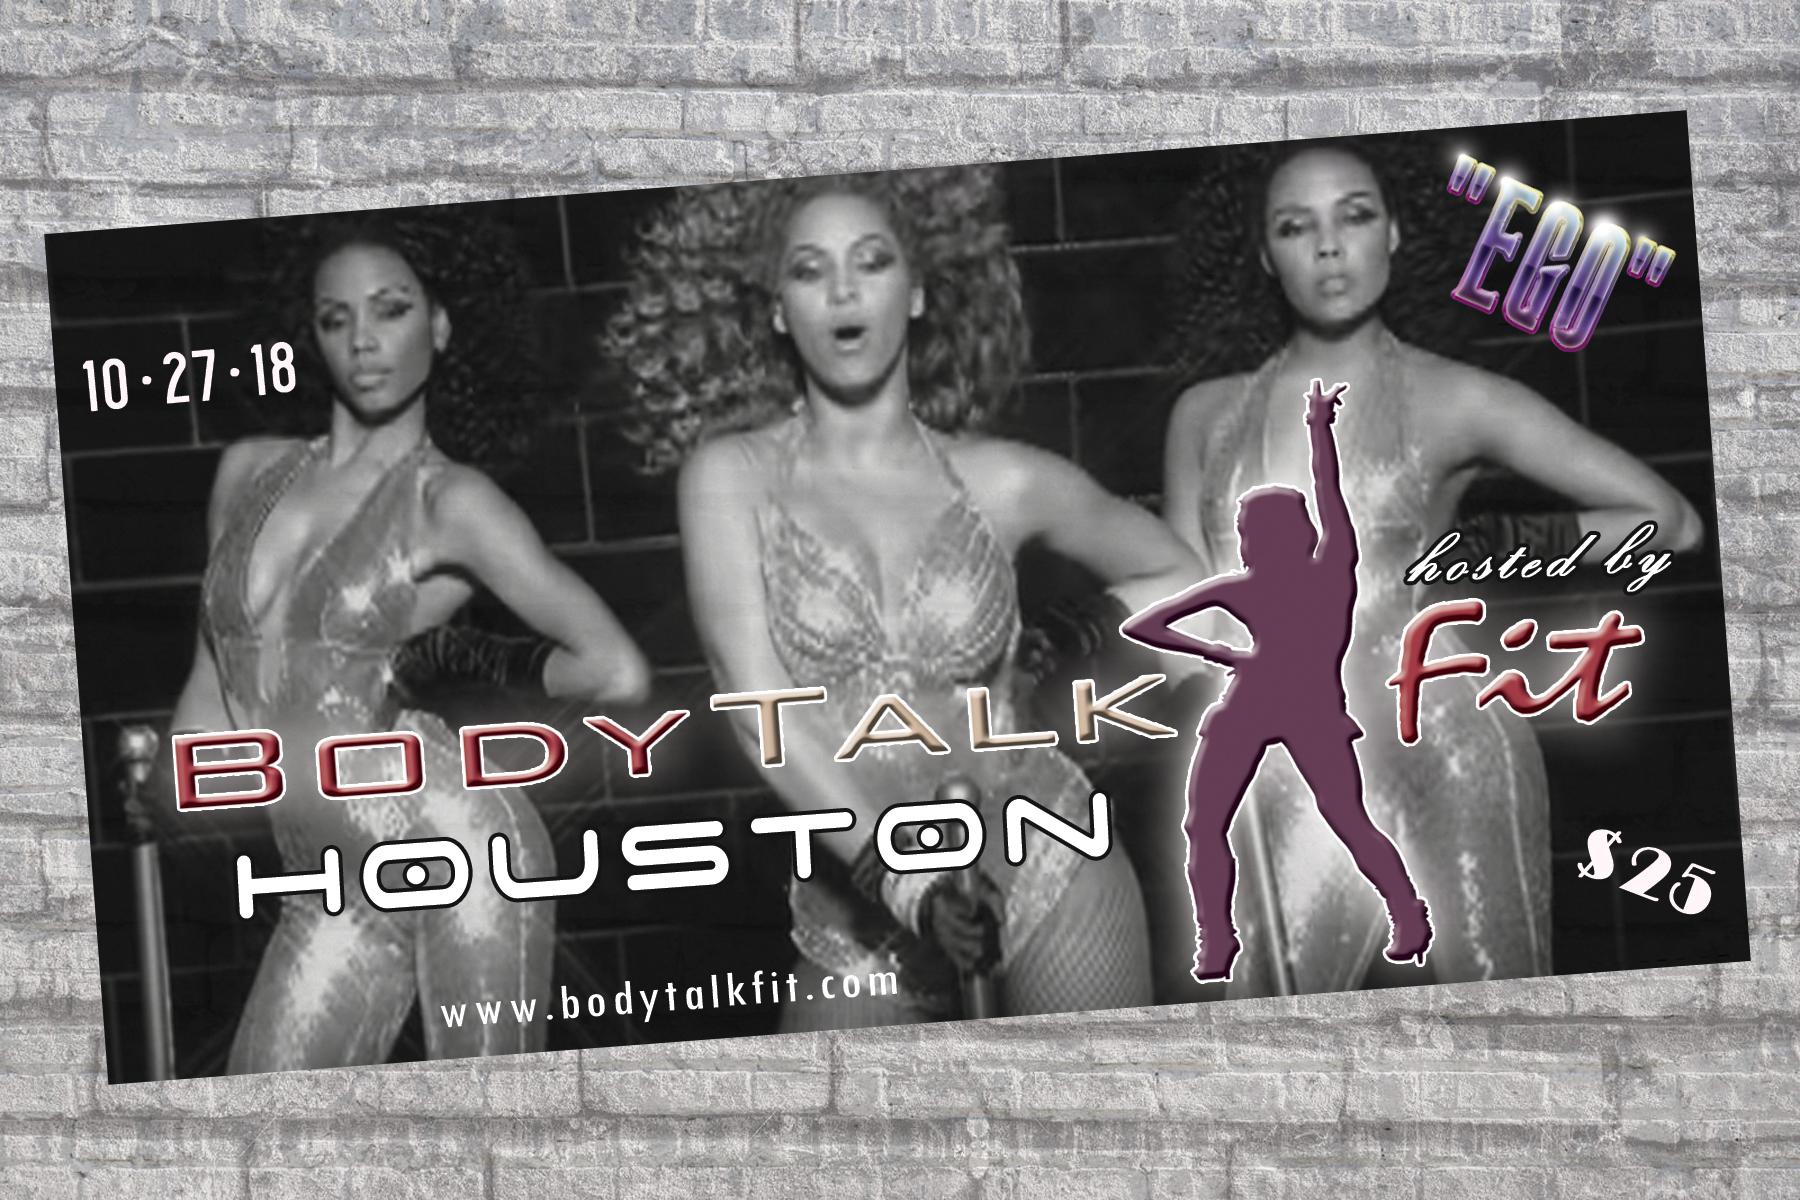 Body Talk Houston